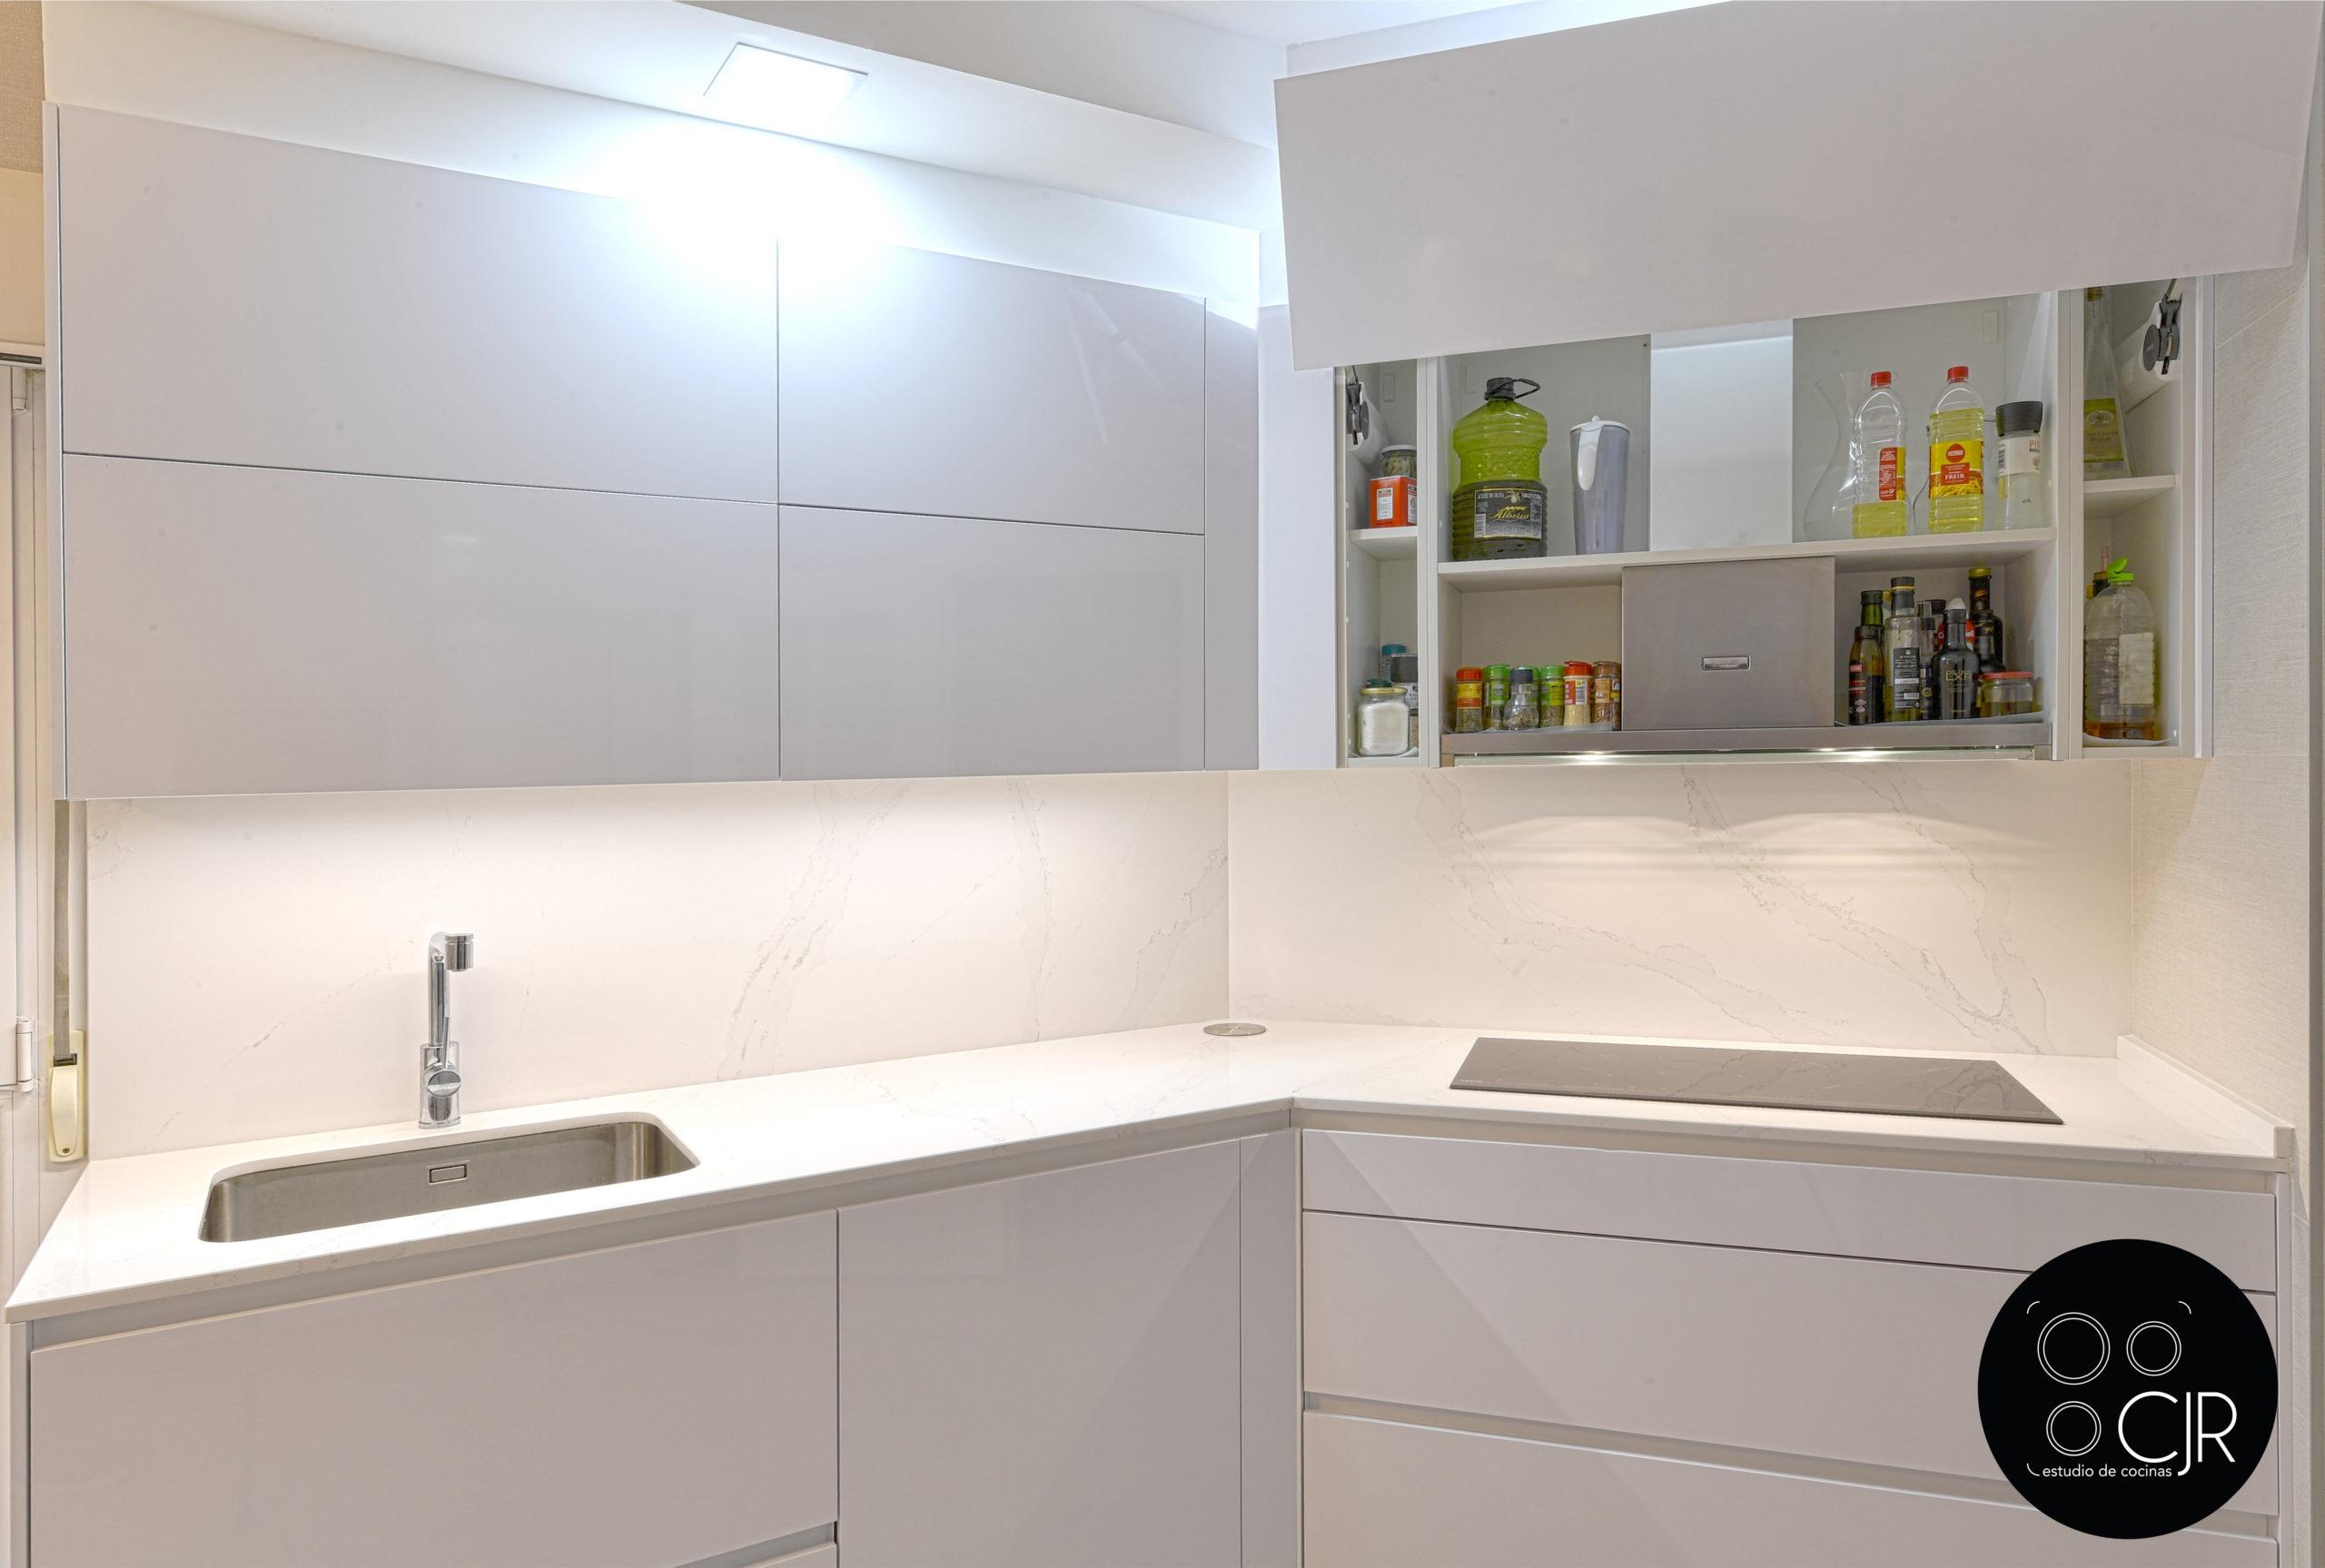 Cajon superior en cocina blanca y madera